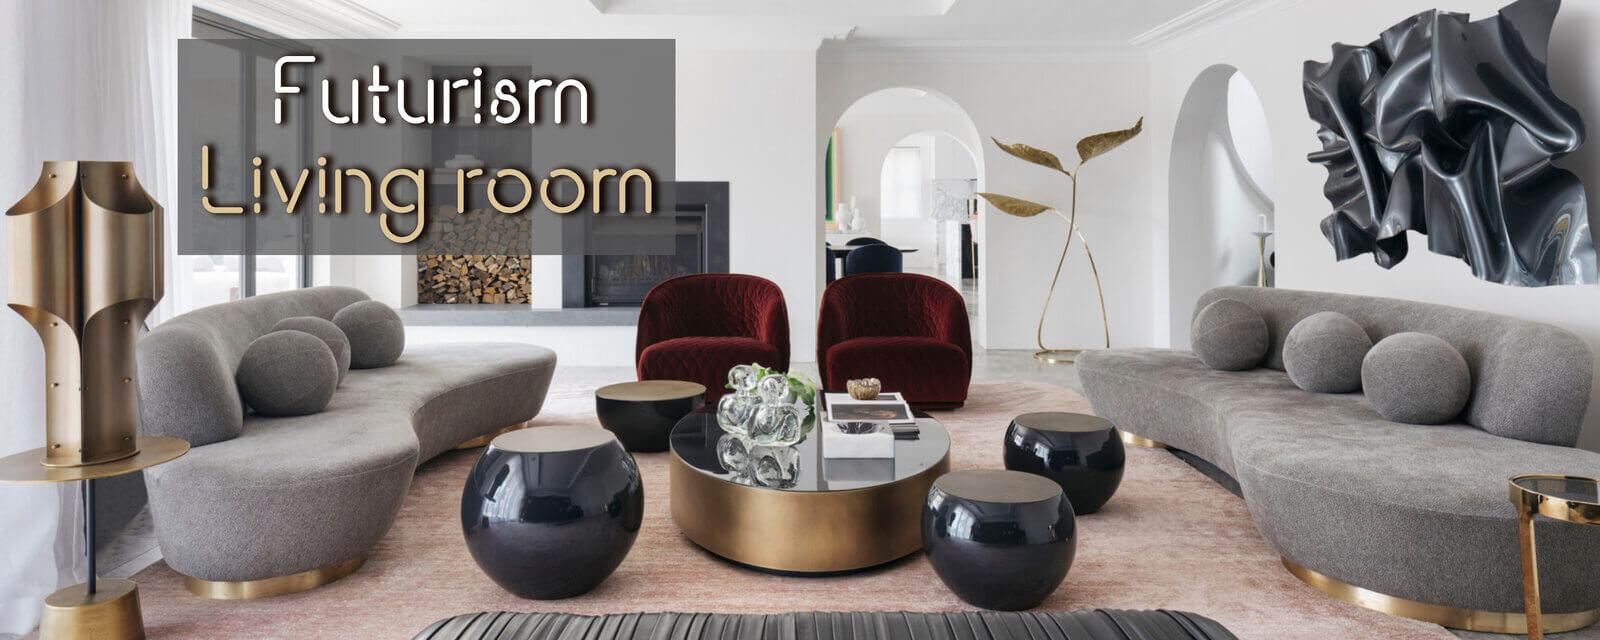 Futurism | Living Room